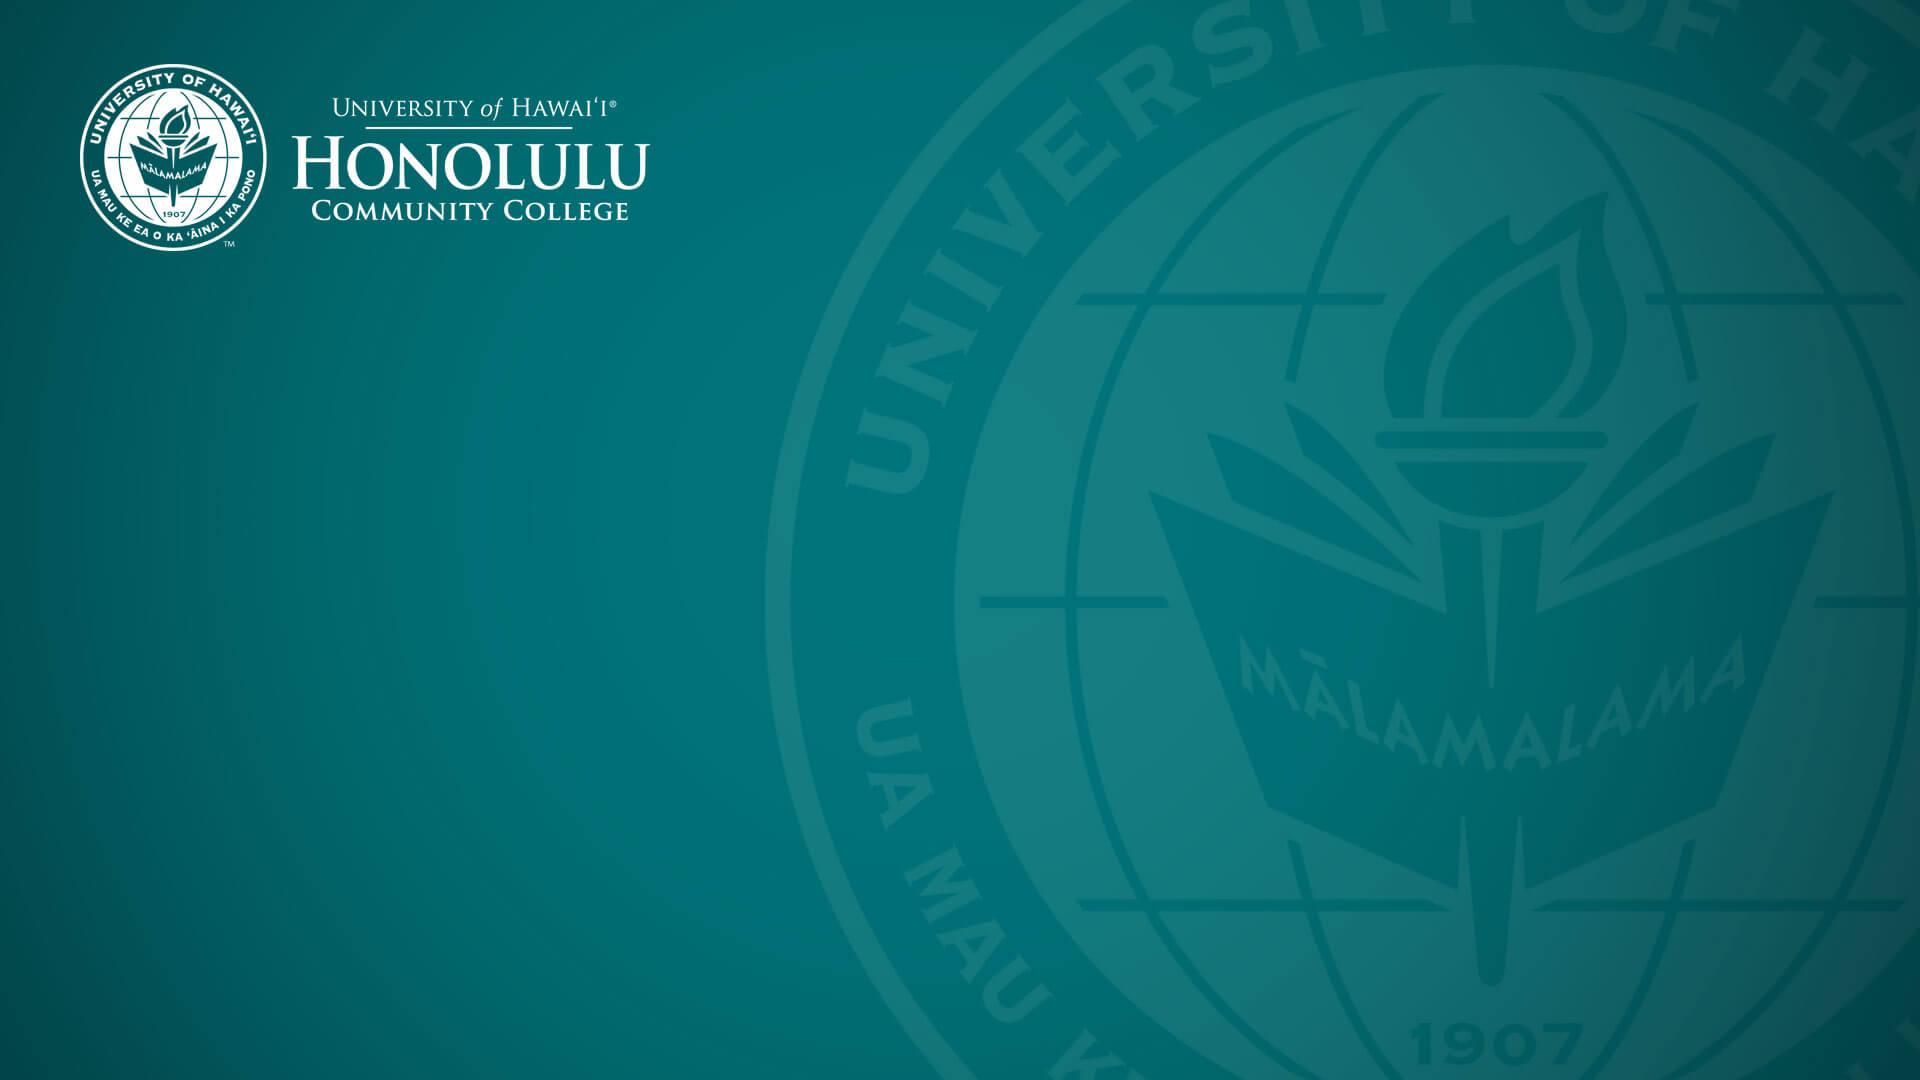 Honolulu C C seal and nameplate